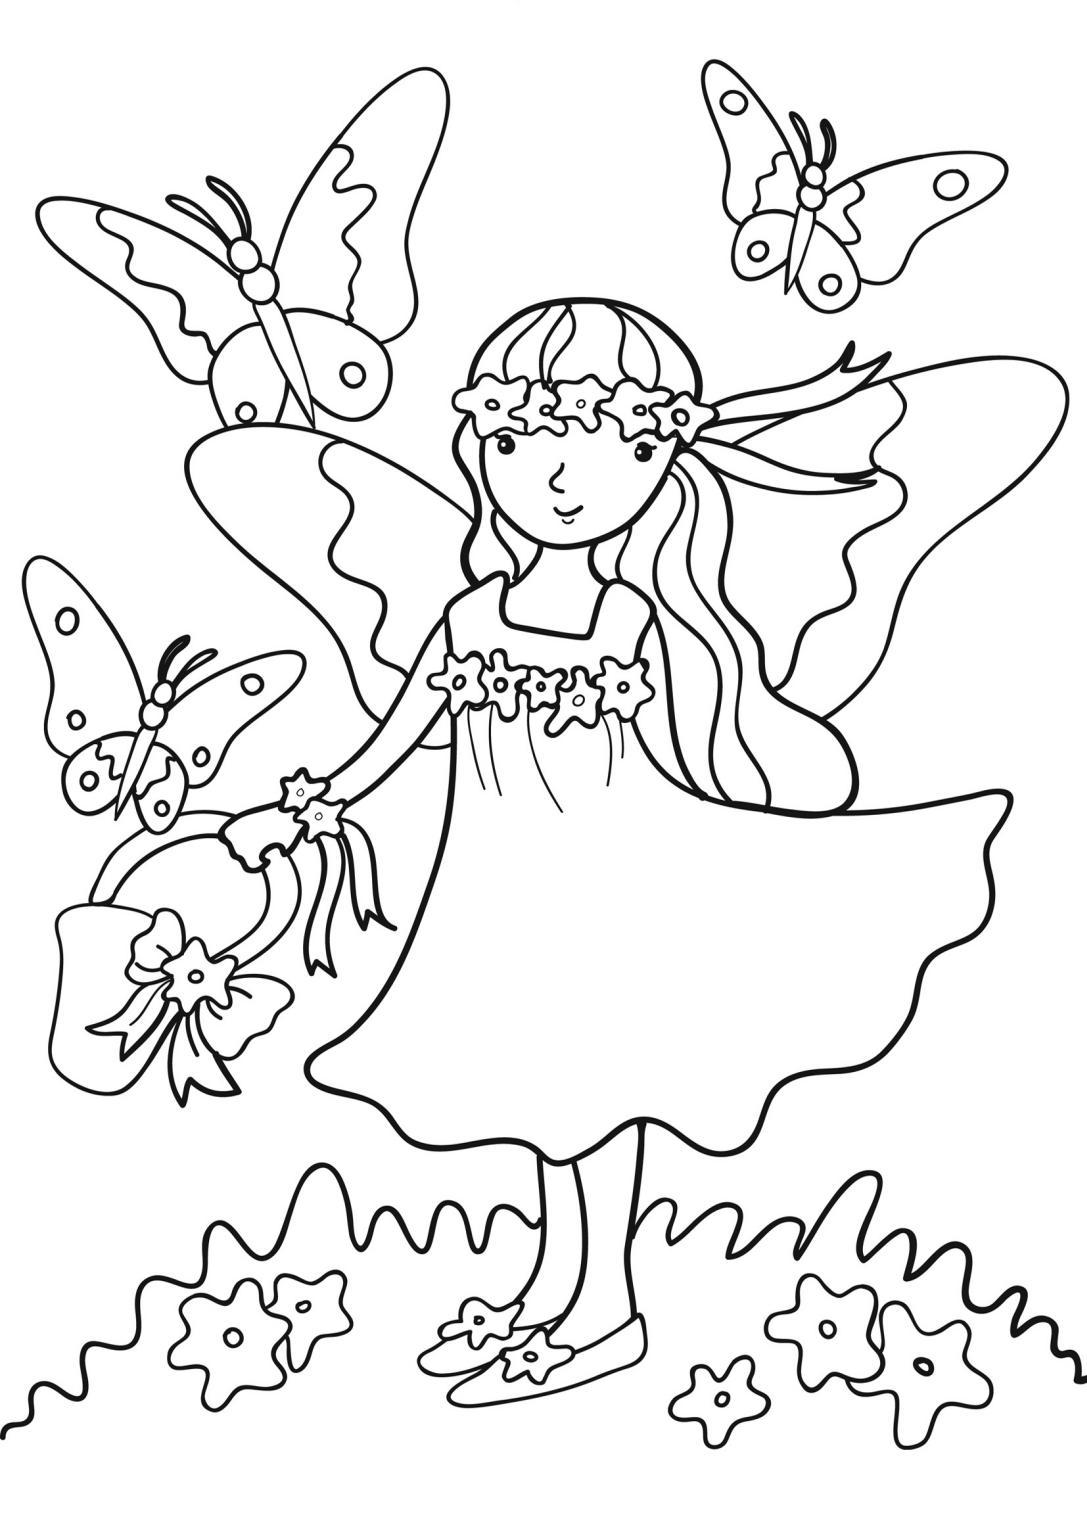 Primavera 9 disegni per bambini da colorare - Immagini da colorare della natura ...